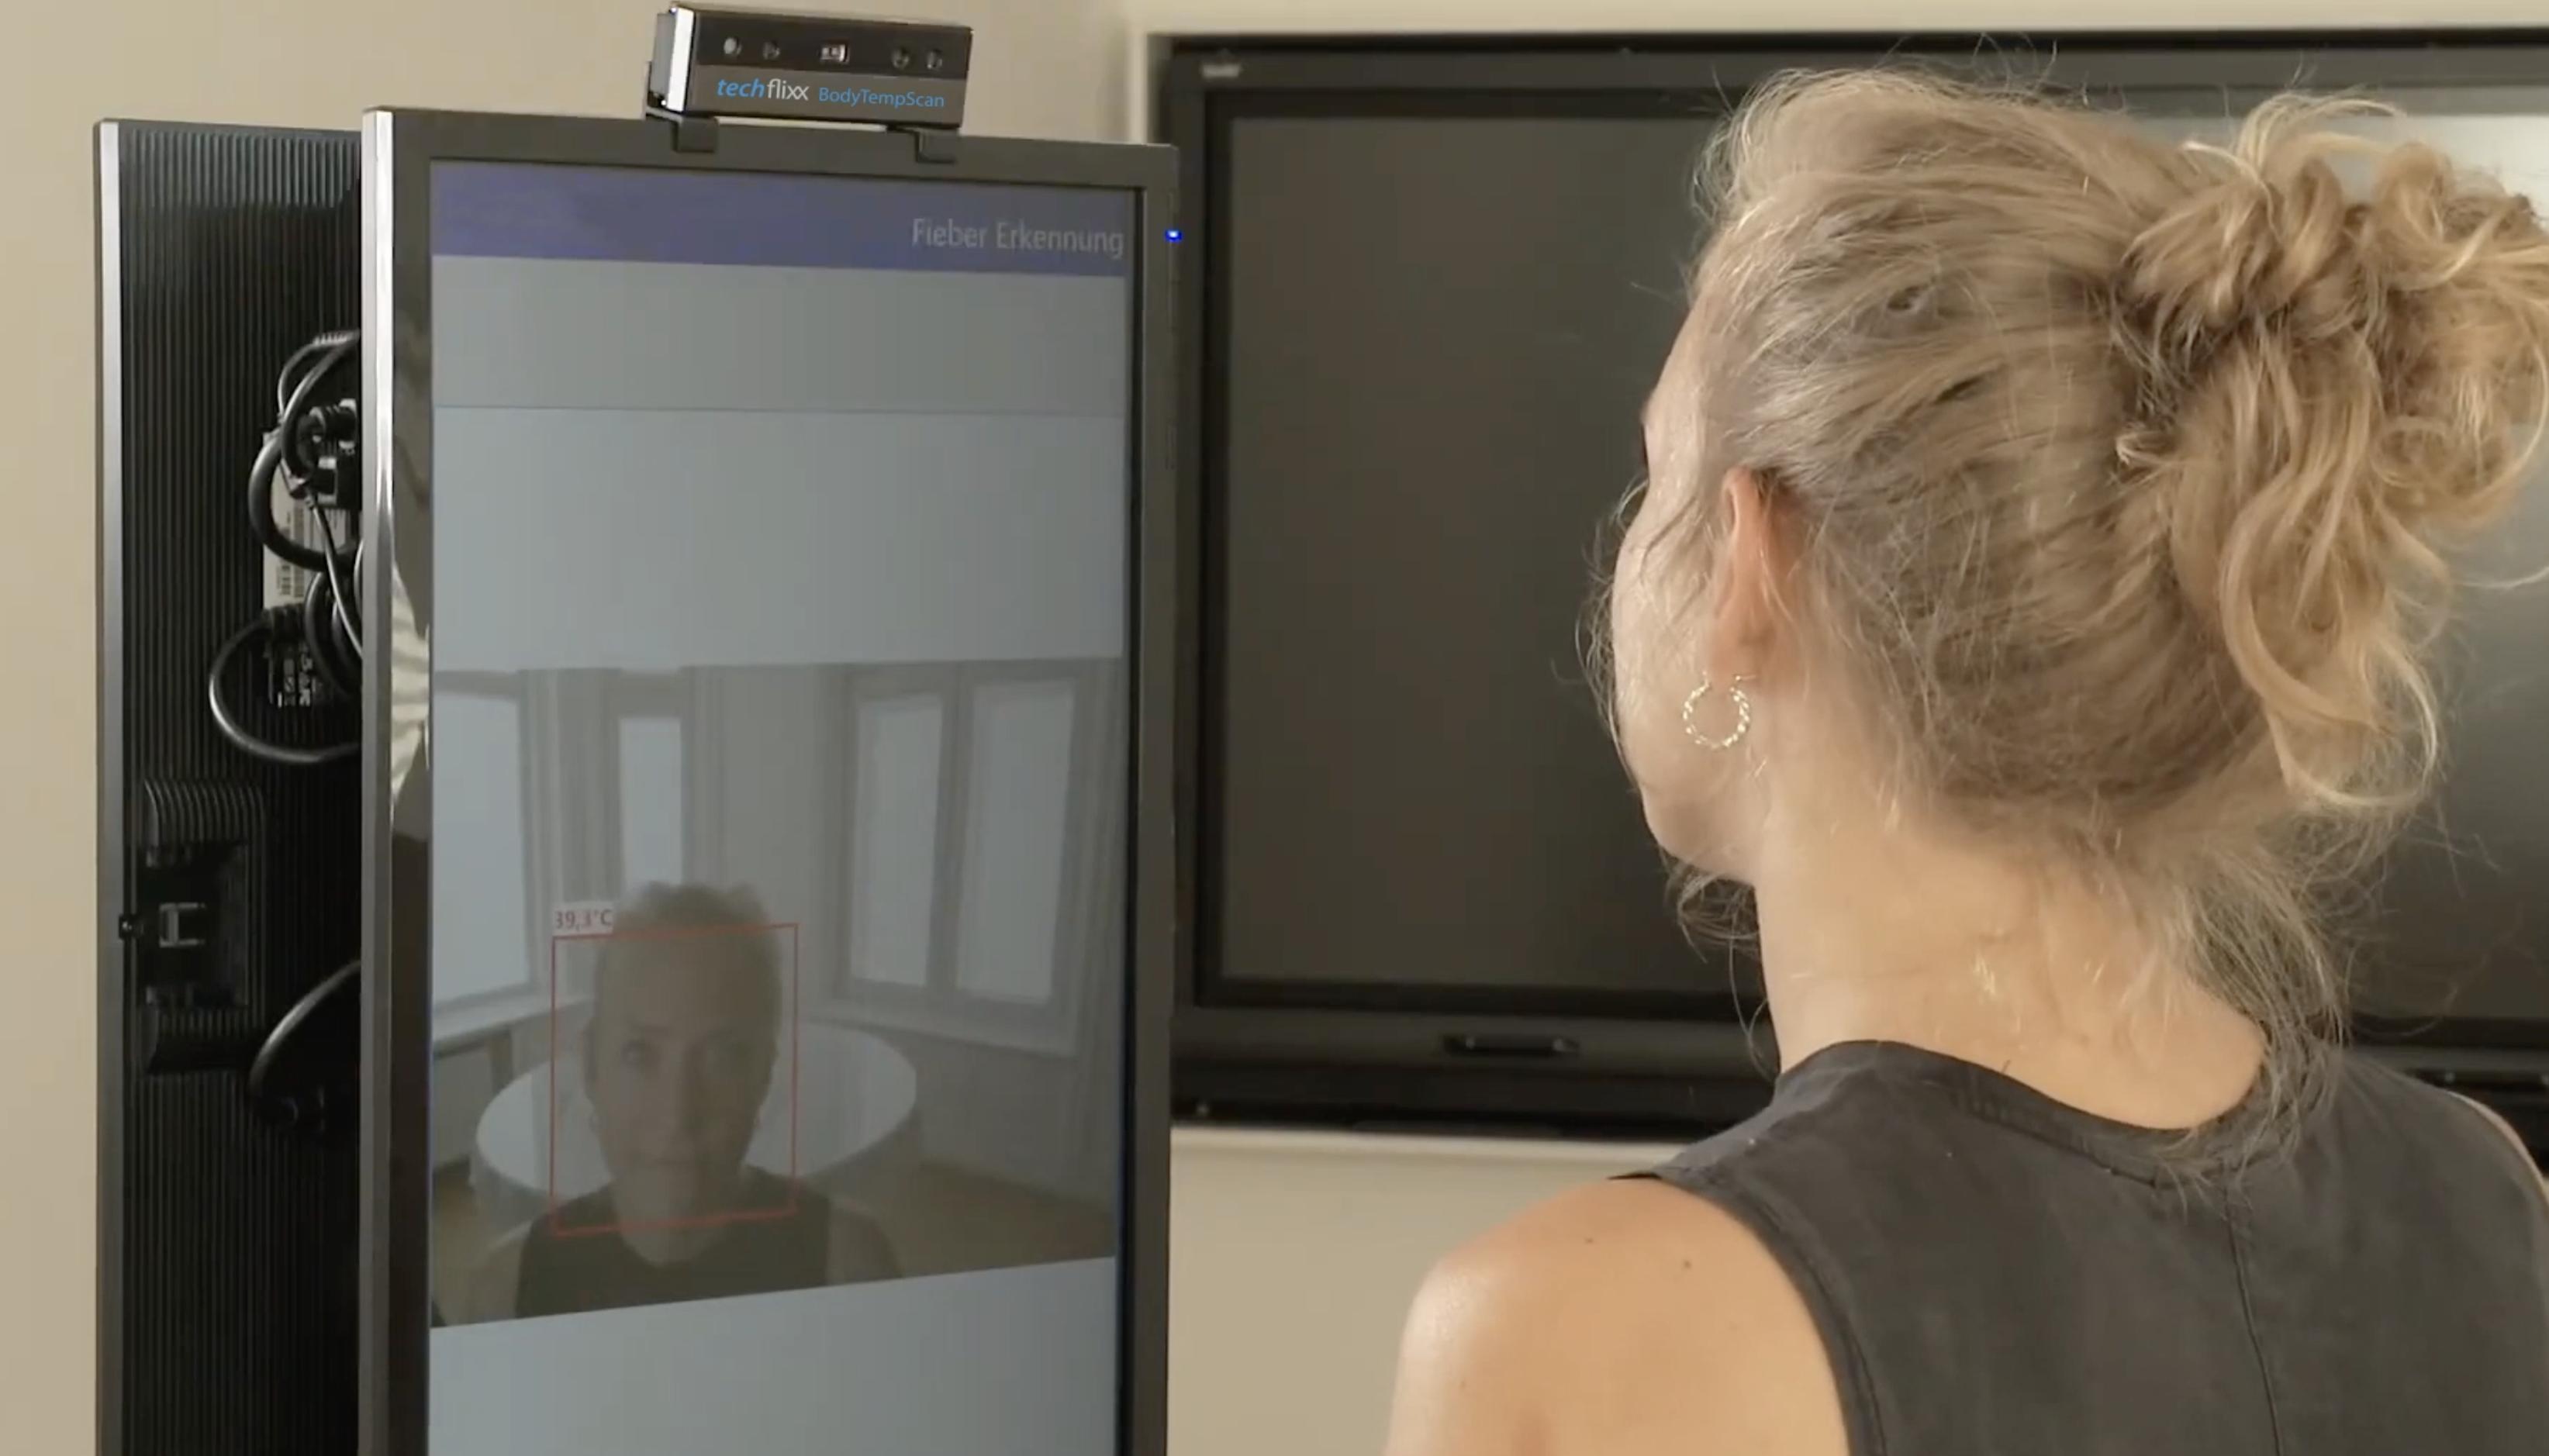 Eisen Fendt Marktoberdorf - techflixx body temp scan Fieber Scan